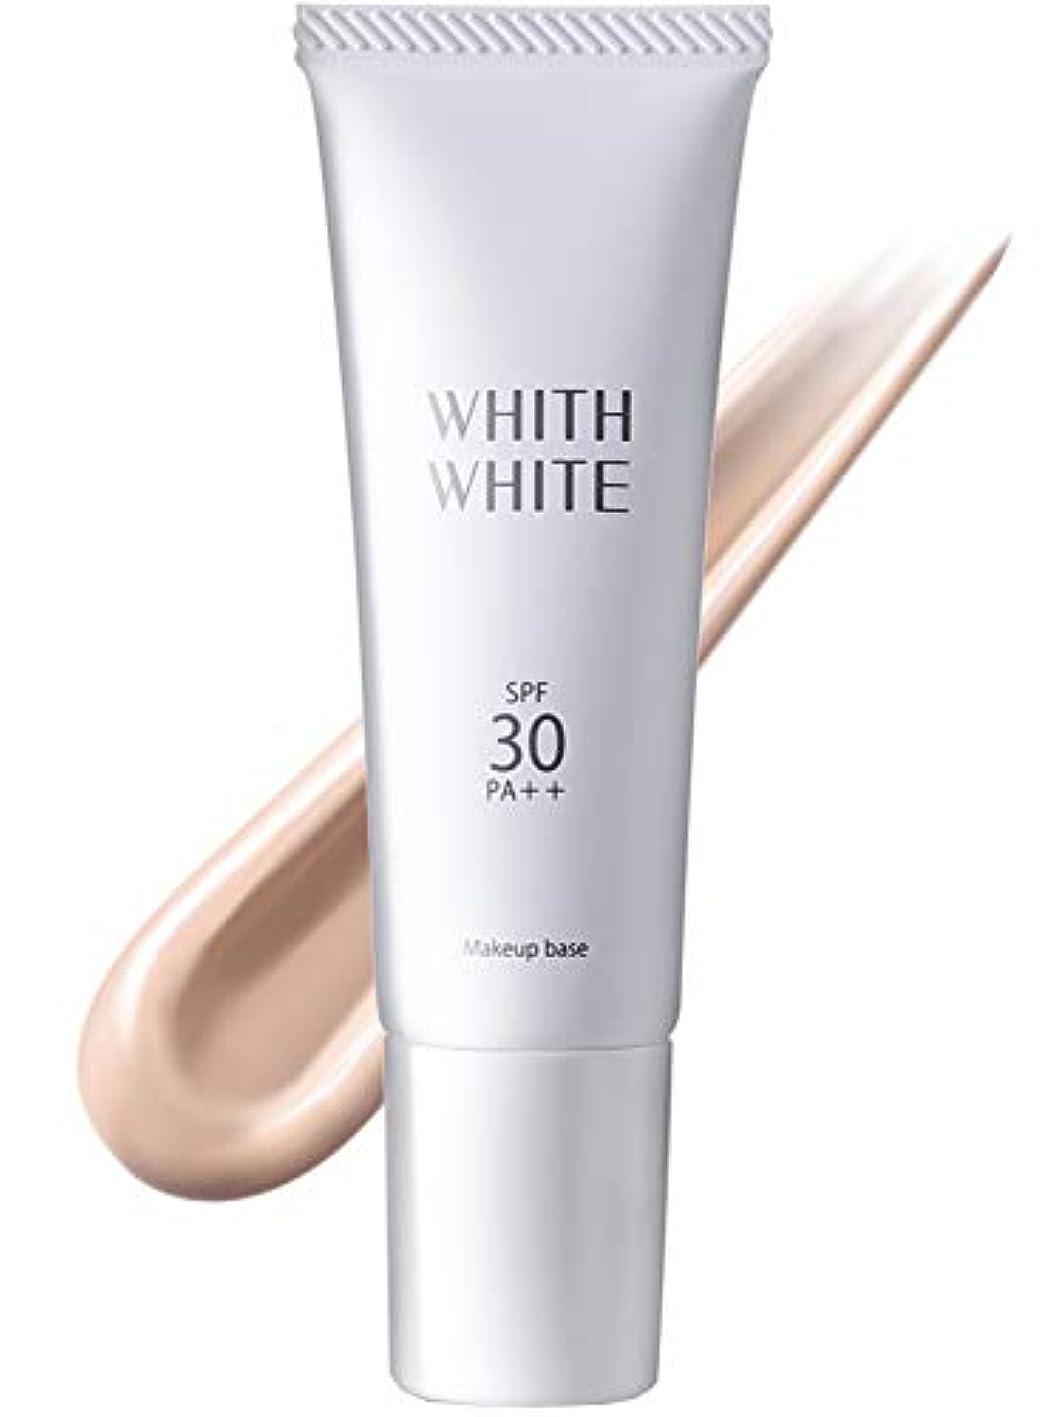 イブニング加速度個人的なBBクリーム 化粧下地 医薬部外品 フィス 美白 「 ニキビ しわ 毛穴 皮膚テカリ 」「 ヒアルロン酸 プラセンタ 配合 」「 美白 と 保湿 のW獲り 」25g